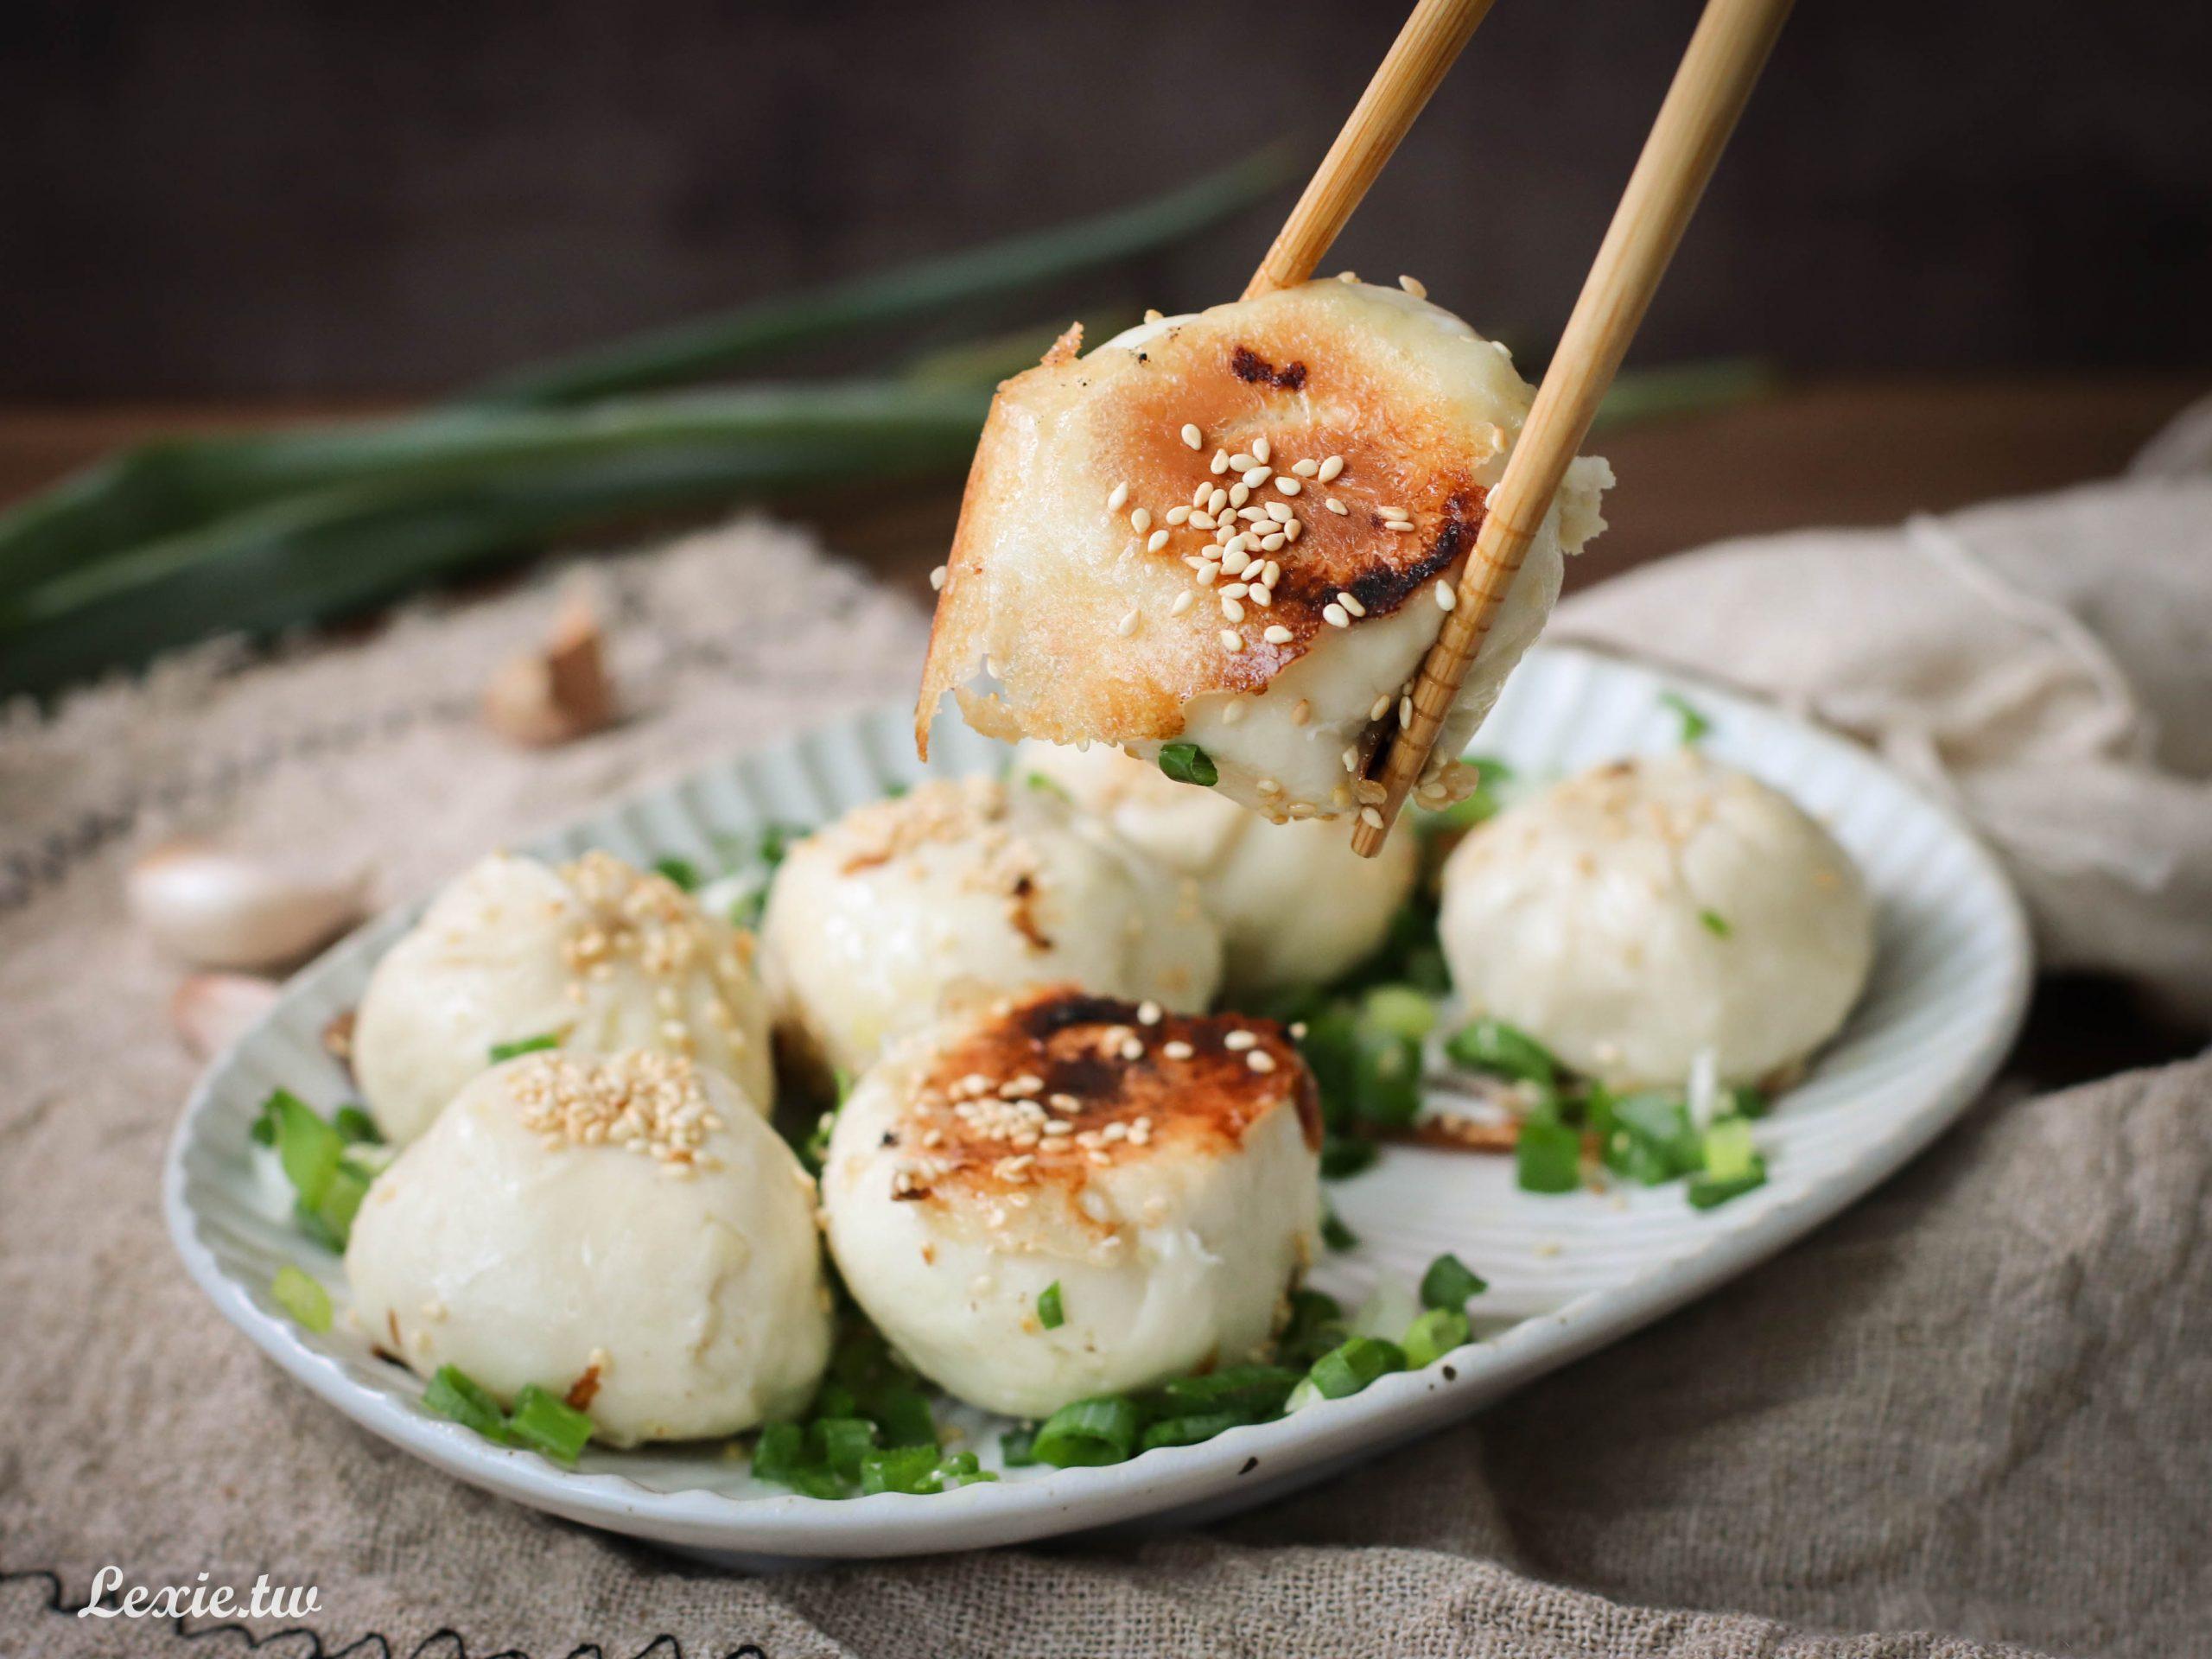 良品開飯 上海生煎包 皮脆肉多汁,完美重現夜市美味!冷凍宅配懶人美食